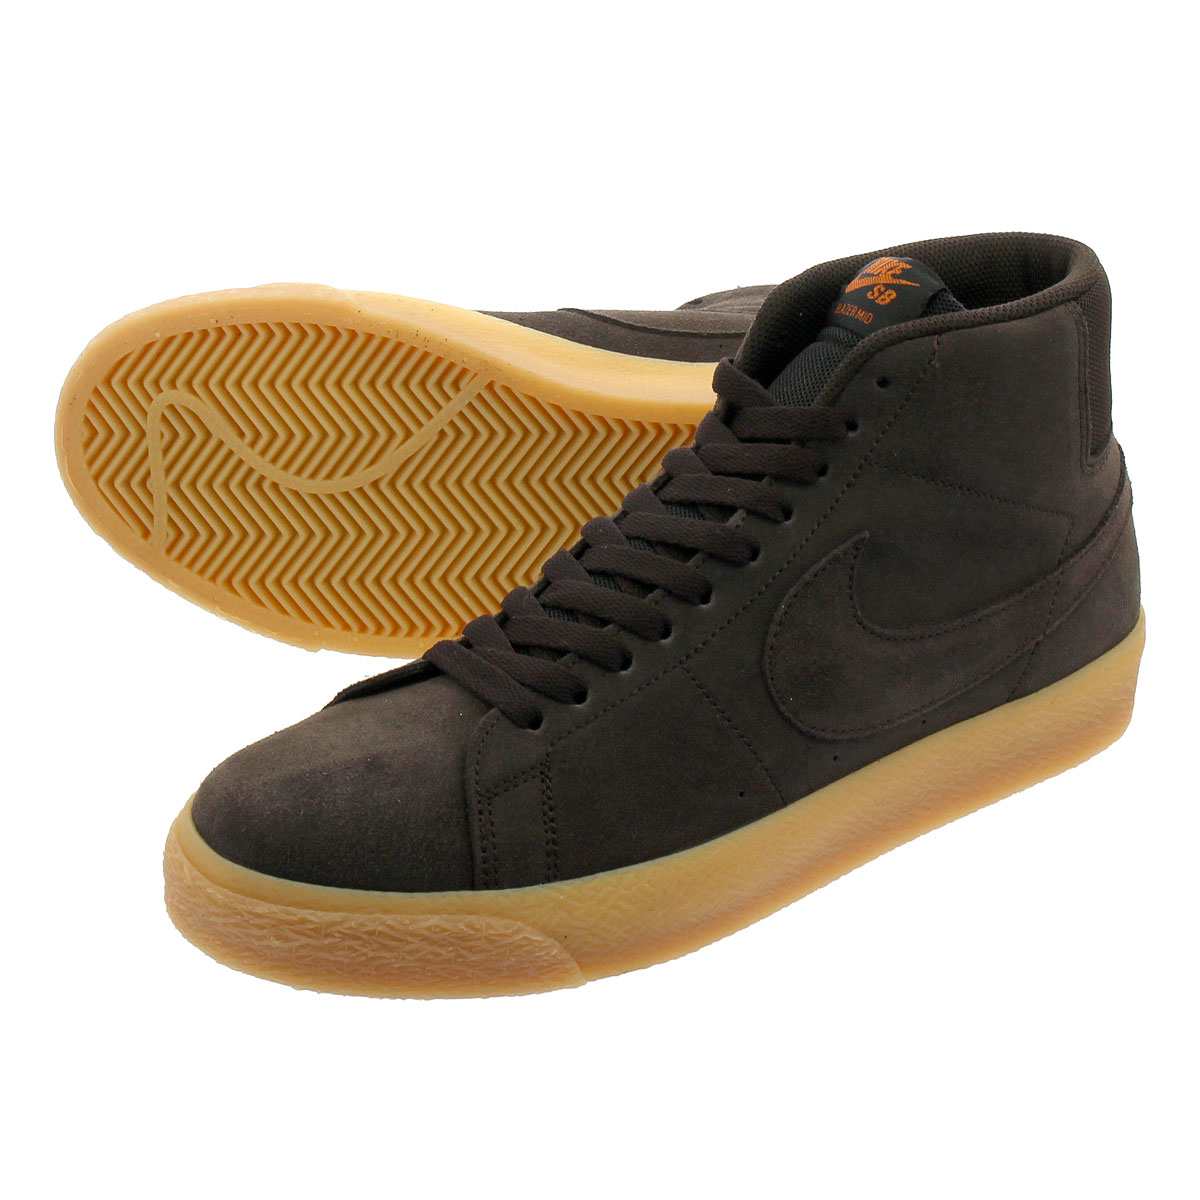 117281fb4a8 LOWTEX PLUS  NIKE SB BLAZER ZOOM MID Nike SB blazer zoom mid VELVET  BROWN VELVET BROWN 864